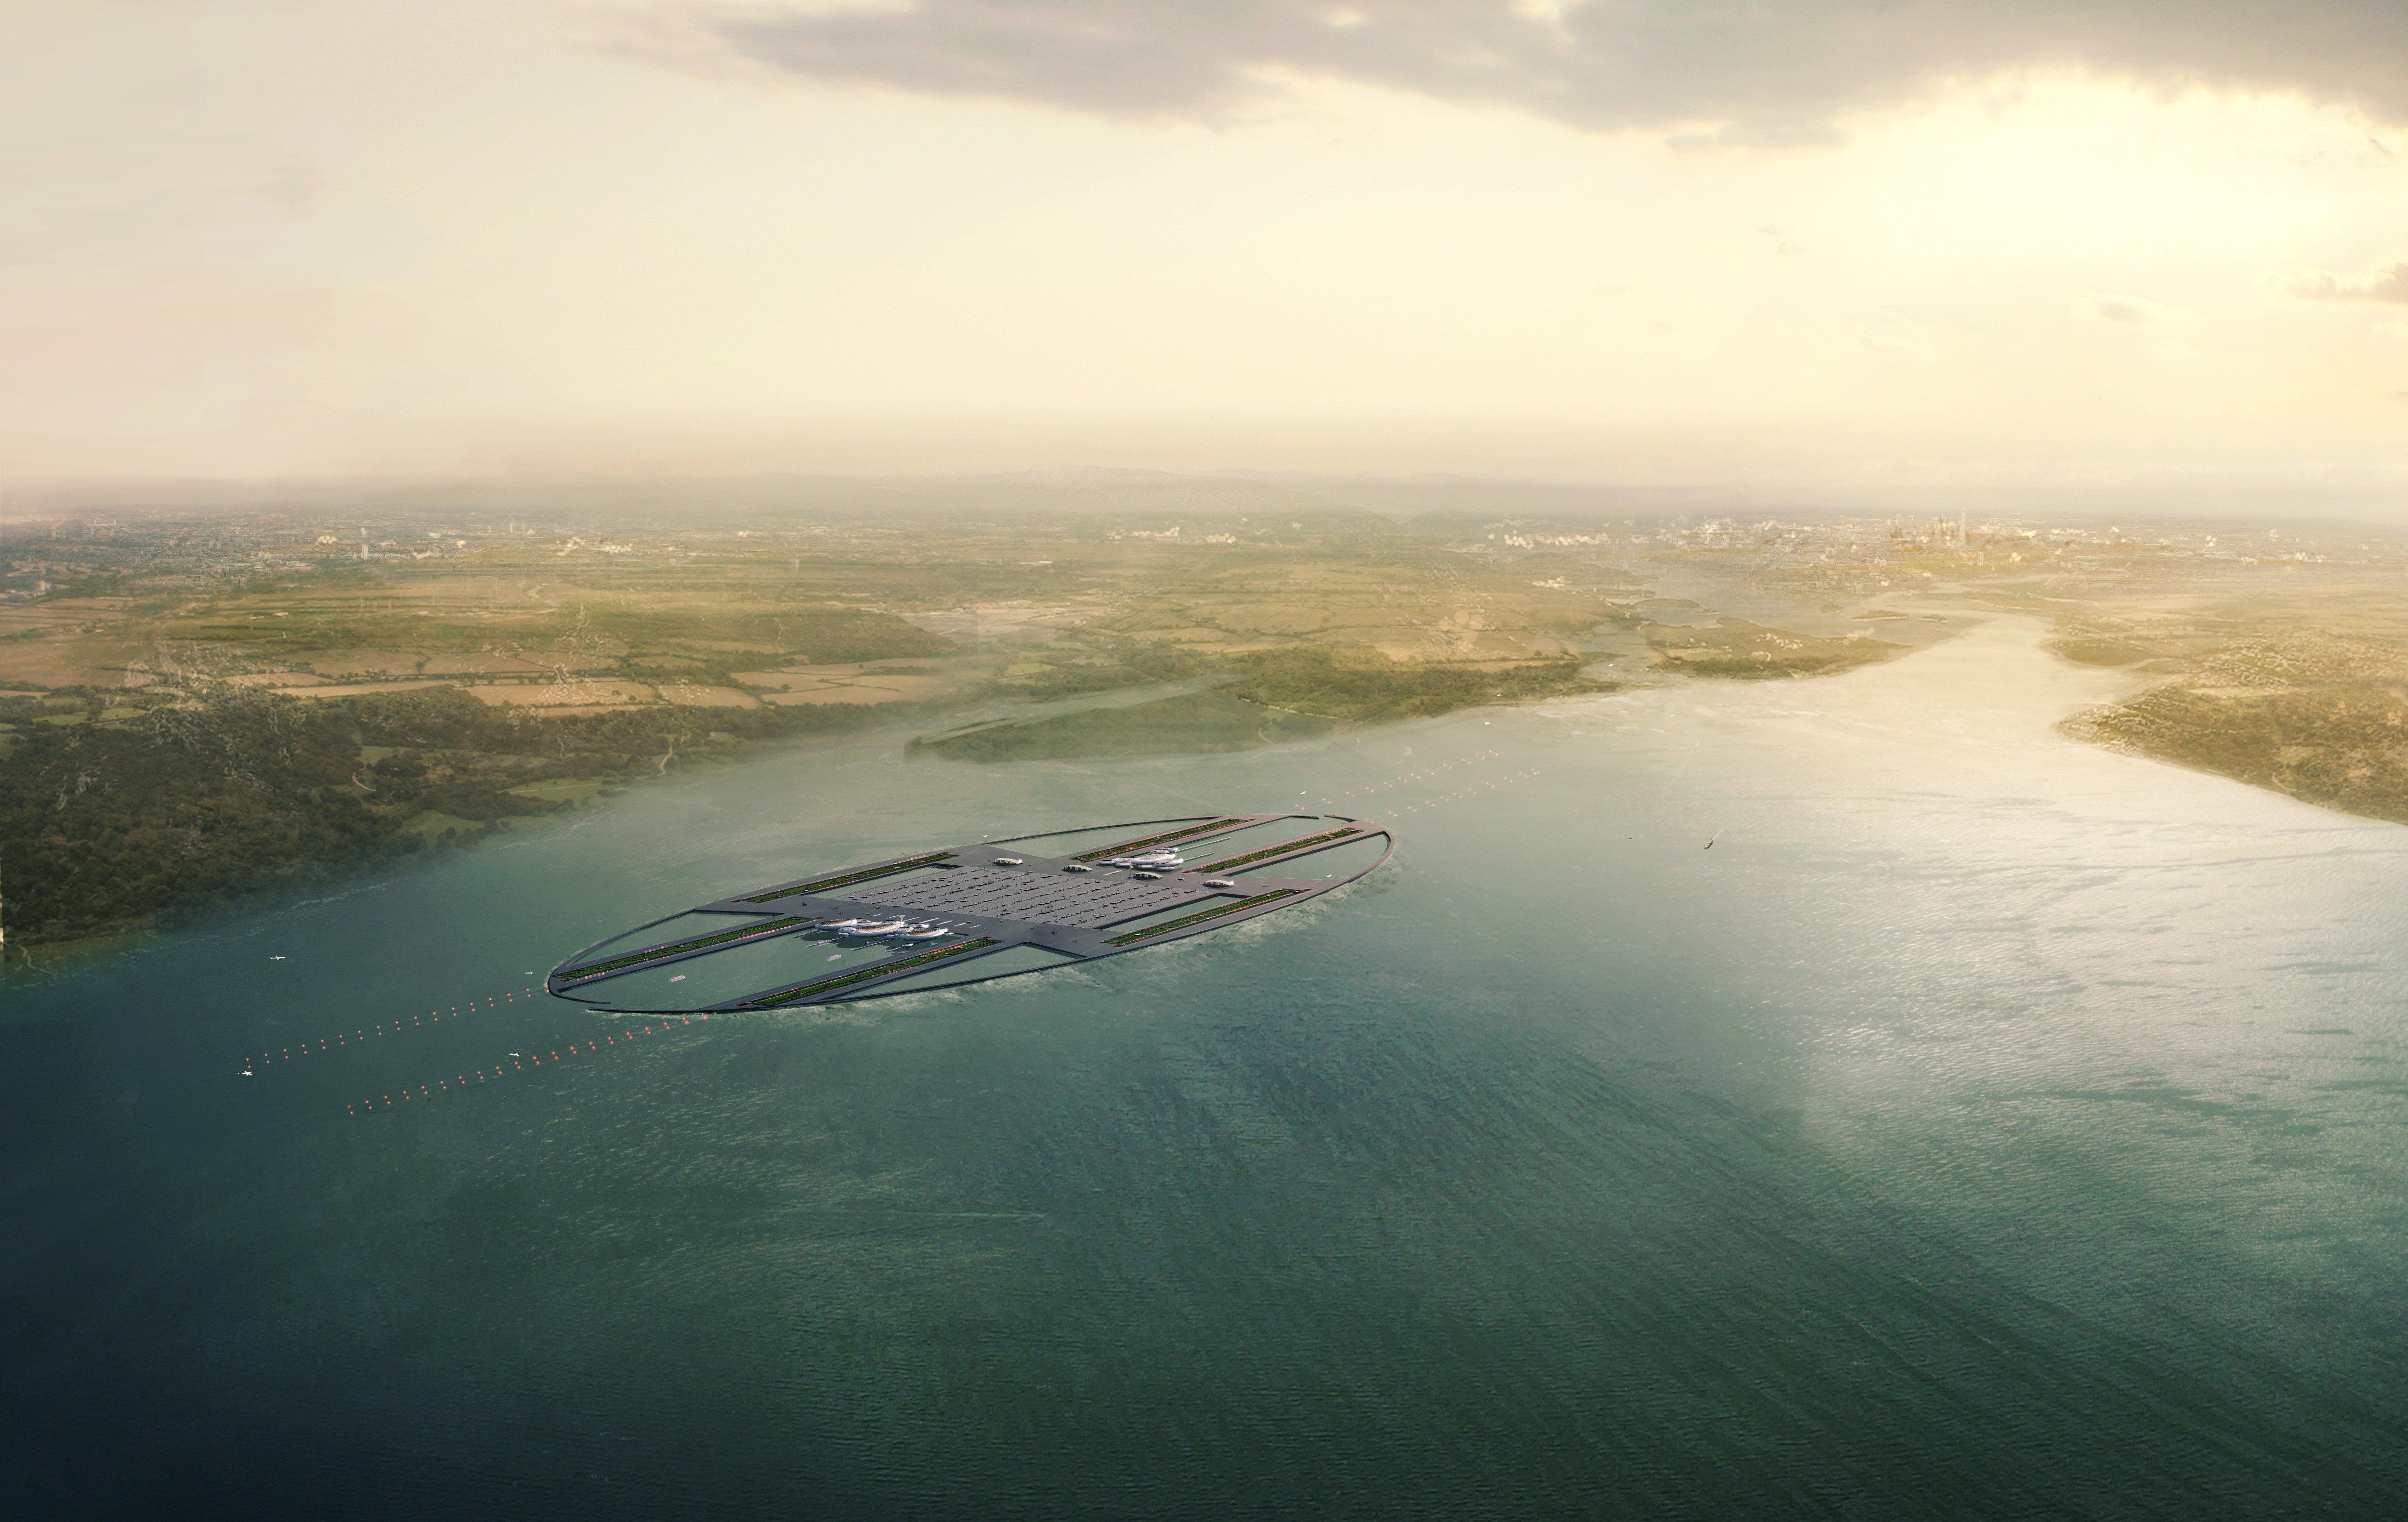 Der neue Großflughafen Britannia läge 80 Kilometer vom Londoner Zentrum entfernt. Er würde den Flughafen Heathrow ersetzen. Die Bauentscheidung soll 2015 fallen. Die Kosten wären mit geschätzten 56 Milliarden Euro gigantisch.